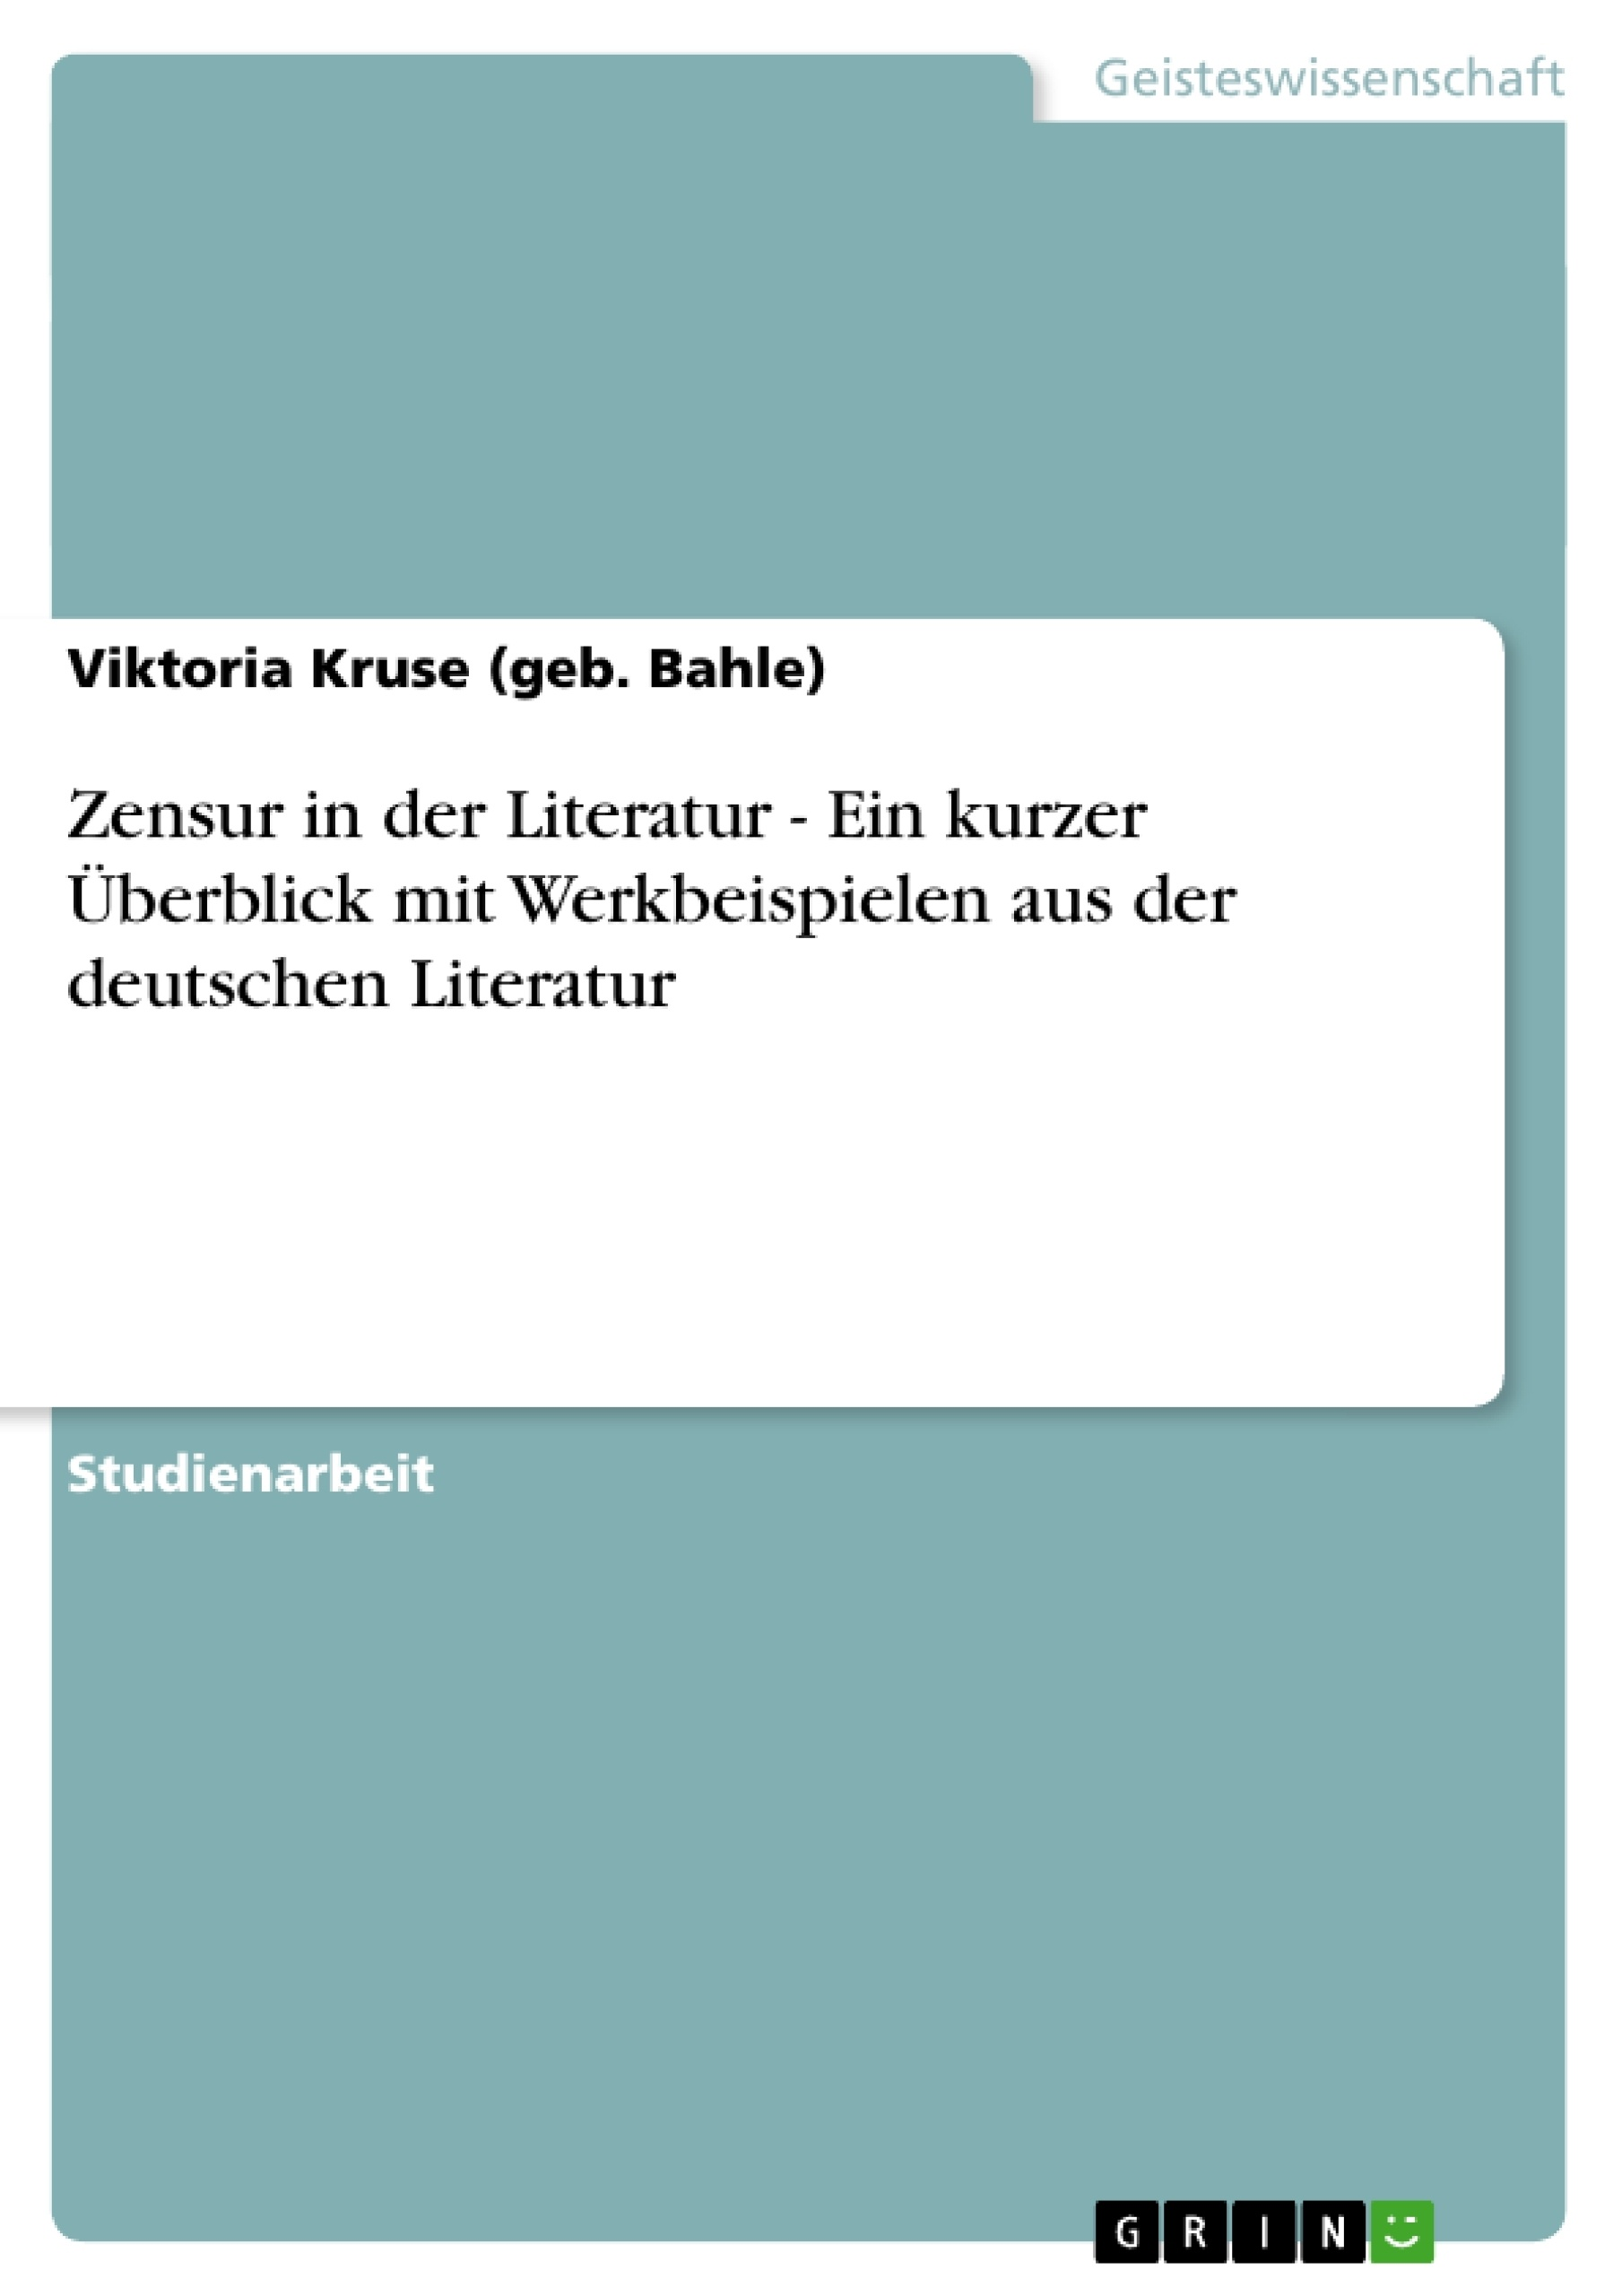 Titel: Zensur in der Literatur - Ein kurzer Überblick mit Werkbeispielen aus der deutschen Literatur